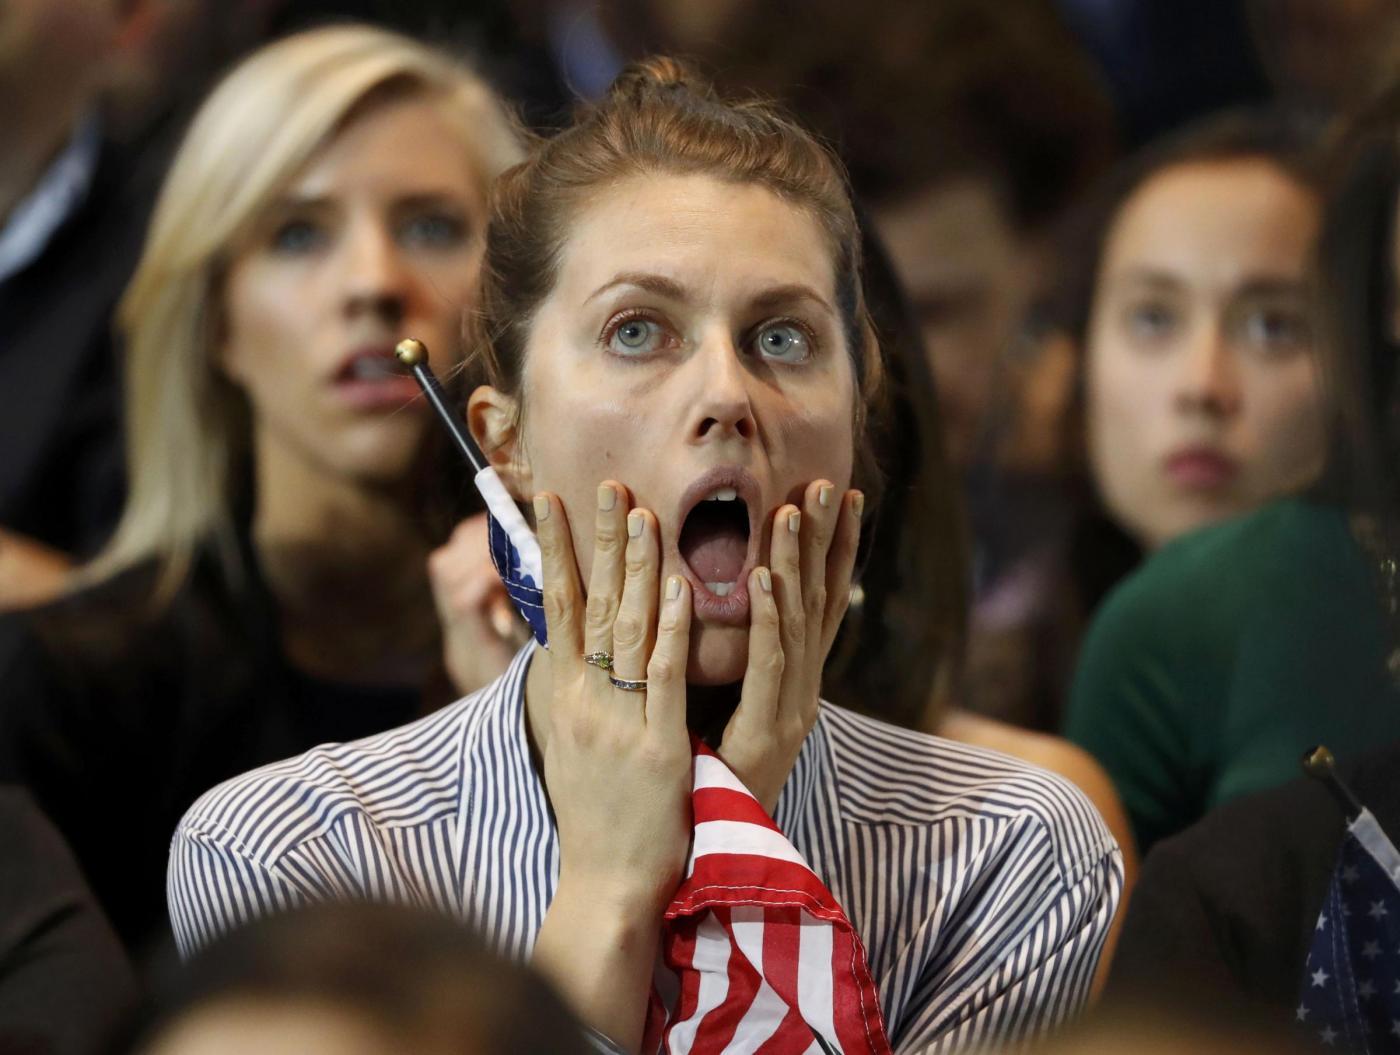 Usa 2016, i sostentori di Hillary Clinton a New York in attesa del risultato